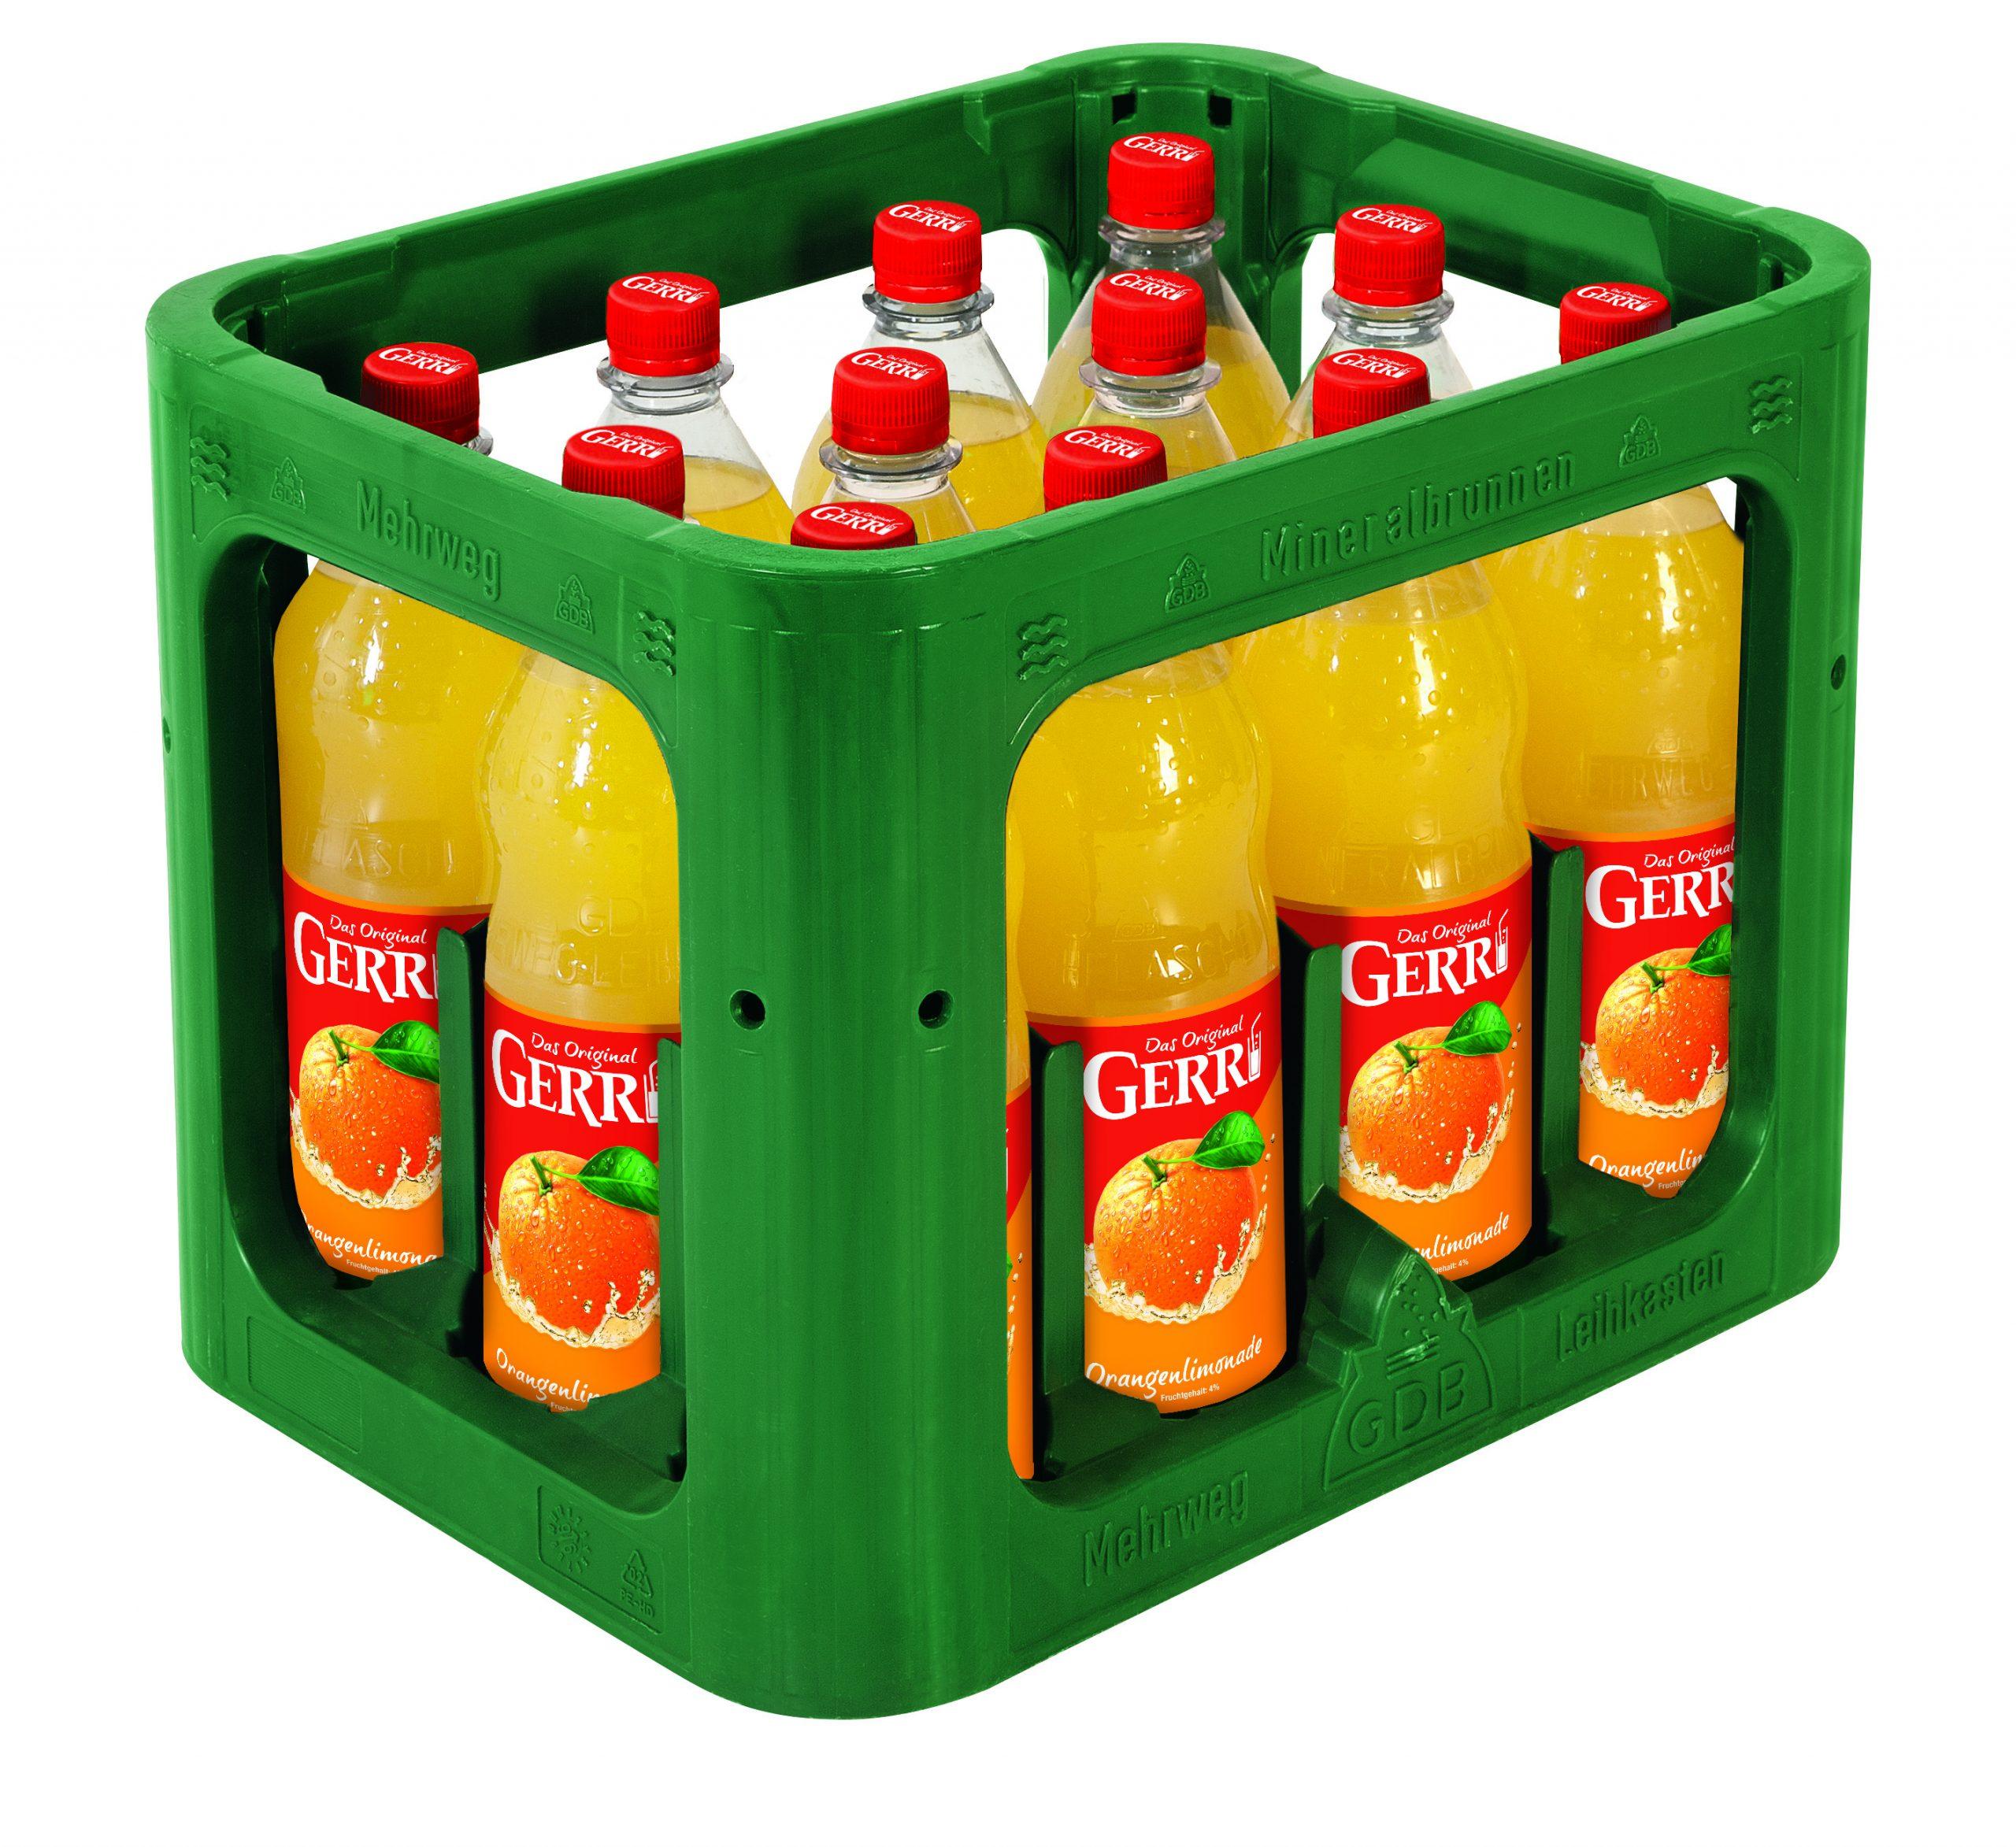 Gerri Limonade Orange 12x1,0l Mehrweg PET